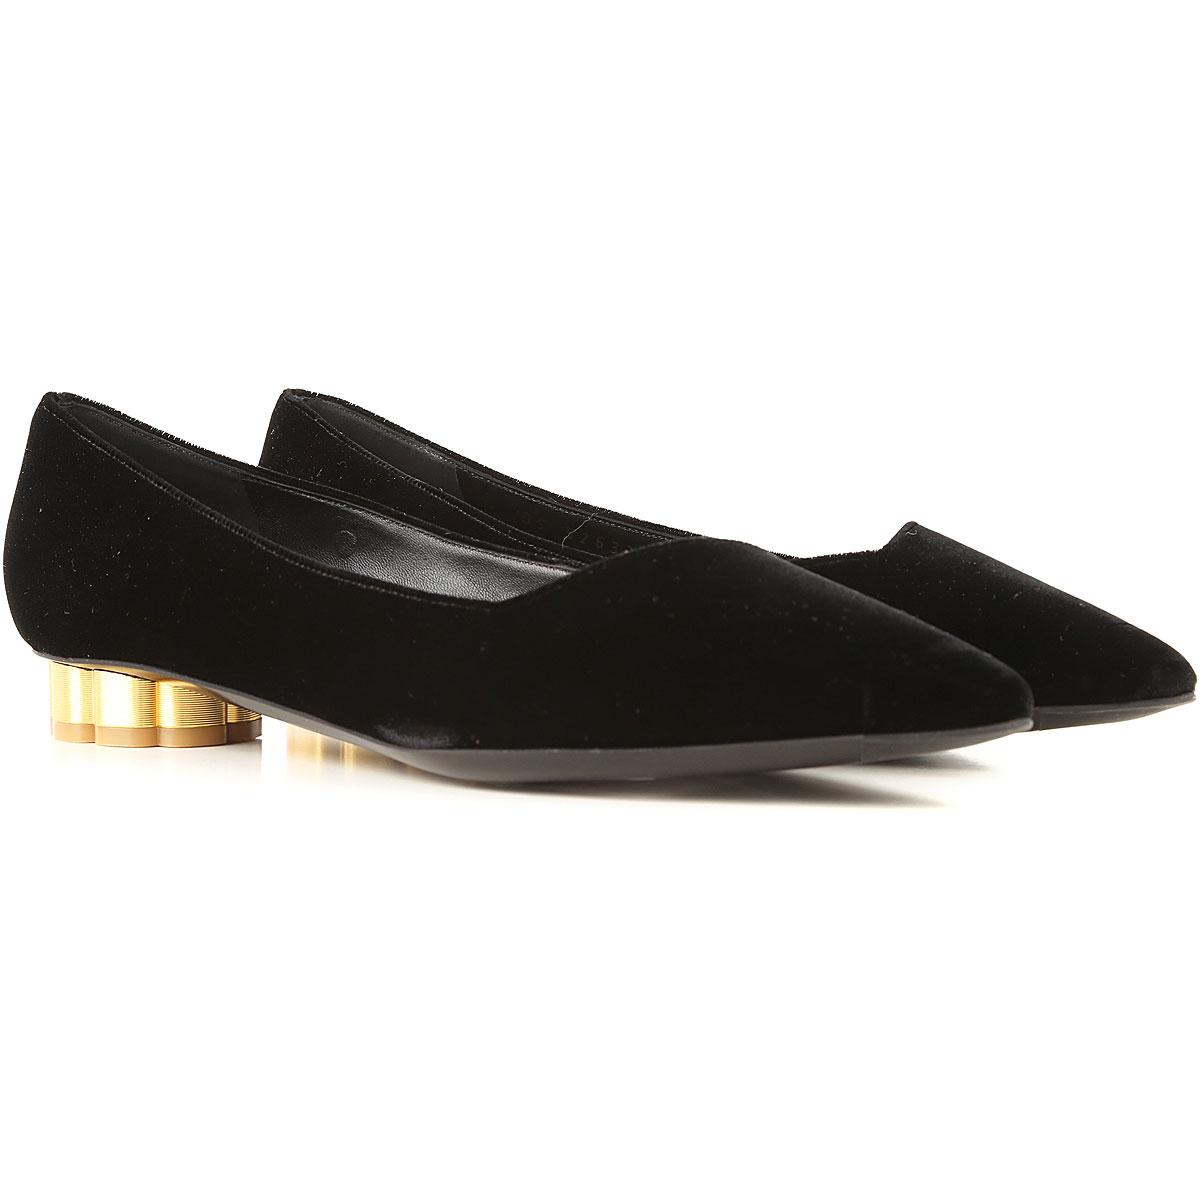 Salvatore Ferragamo Ballet Flats Ballerina Shoes for Women On Sale in Outlet, Black, Velvet, 2019, 6 6.5 8 8.5